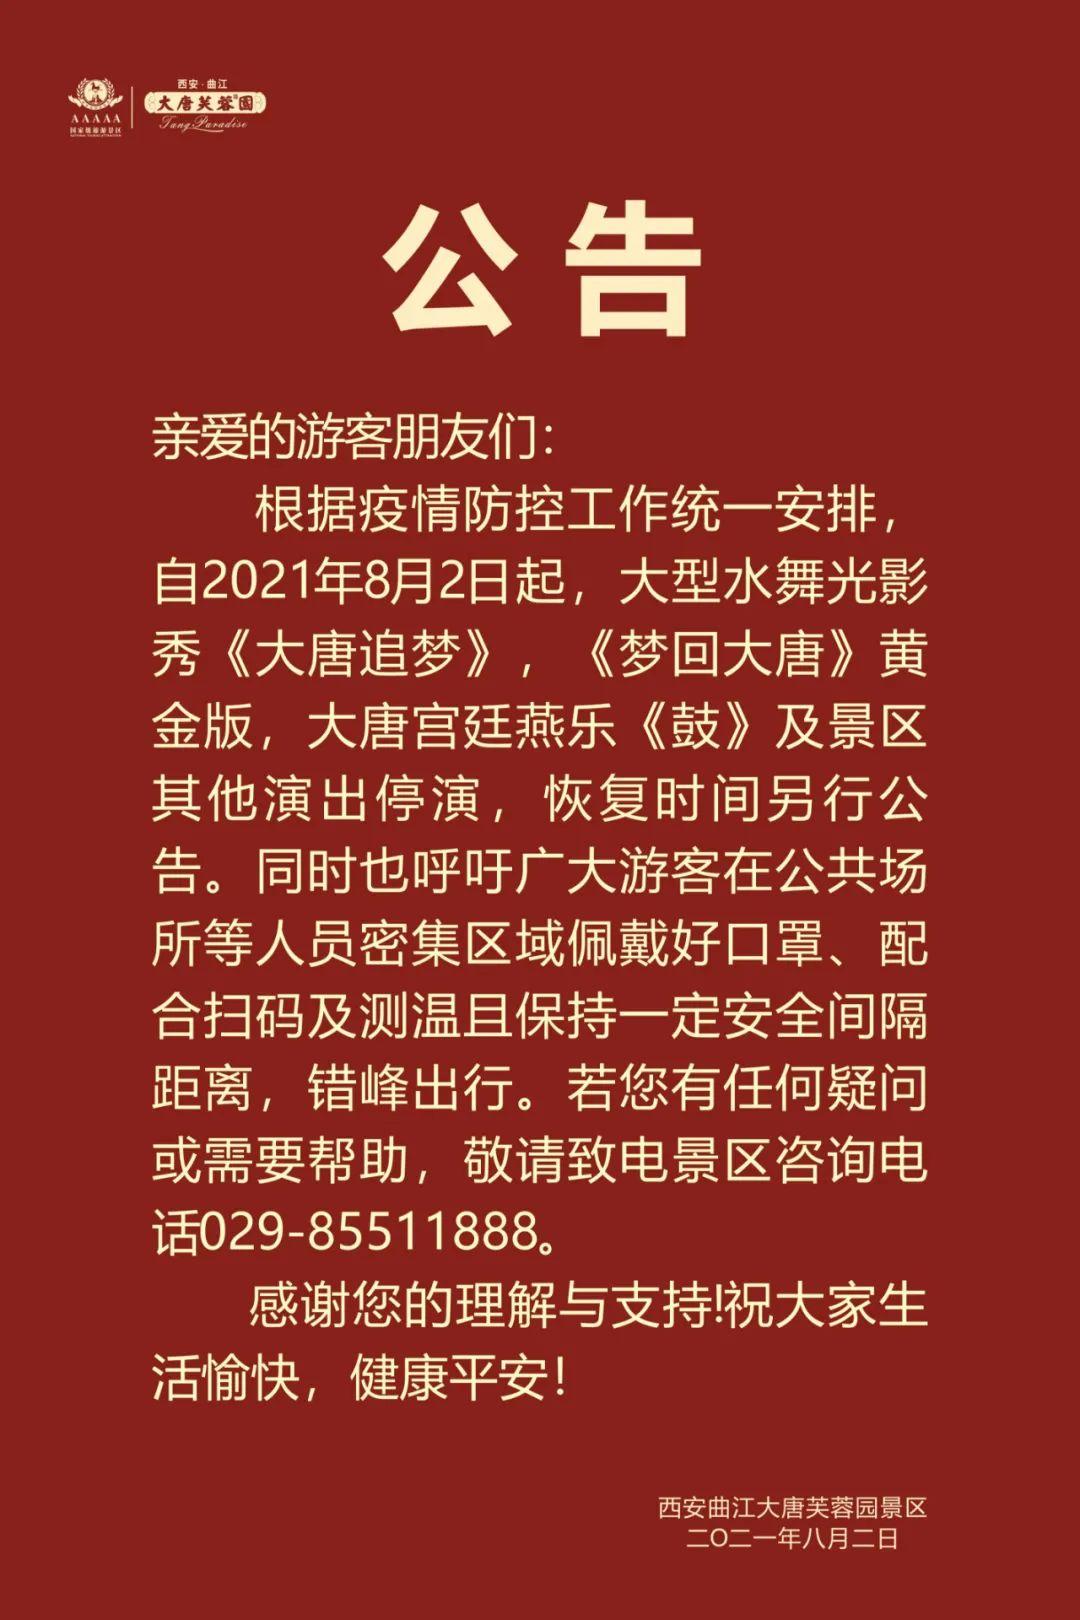 红事会董事长_德云社济南分社效果图抢先看!郭德纲直播透漏开工时间